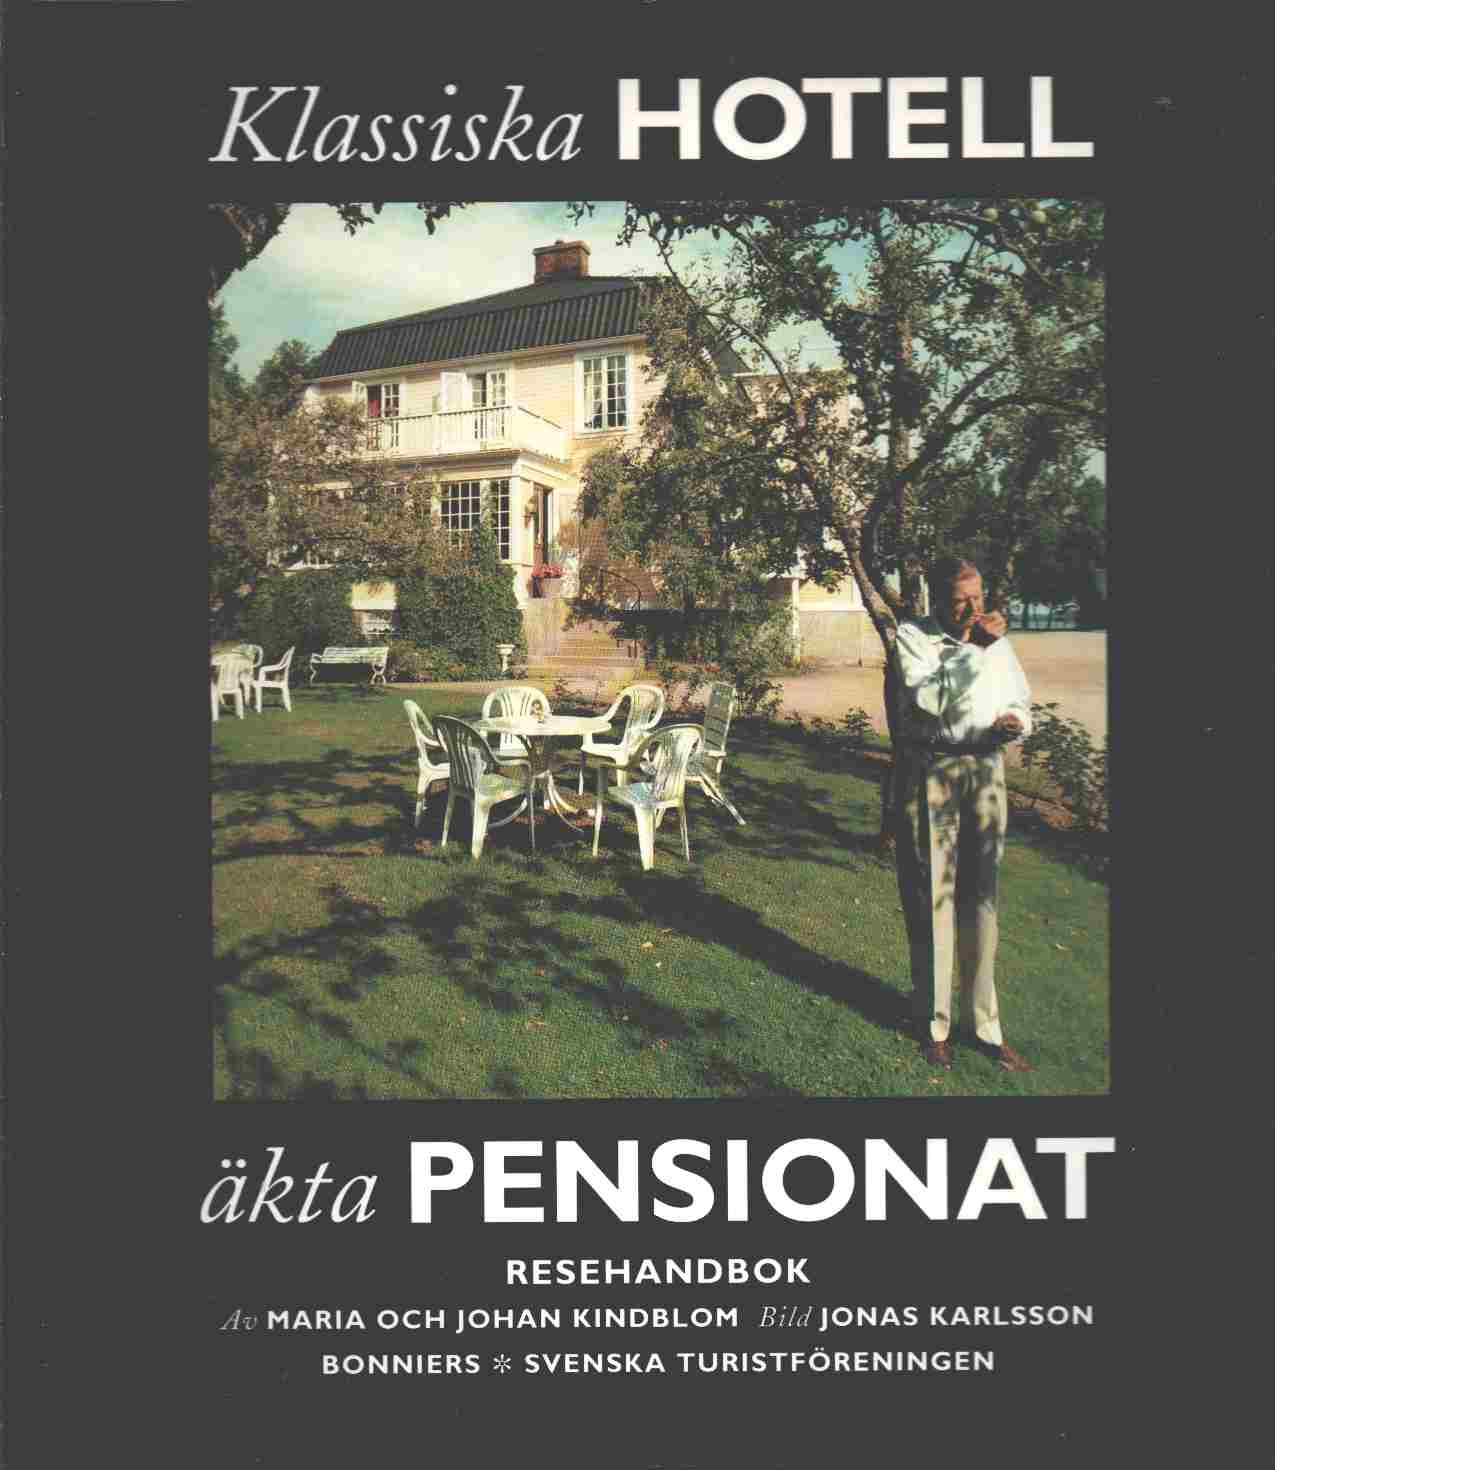 Klassiska hotell & äkta pensionat - Thulin, Maria och Kindblom, Johan